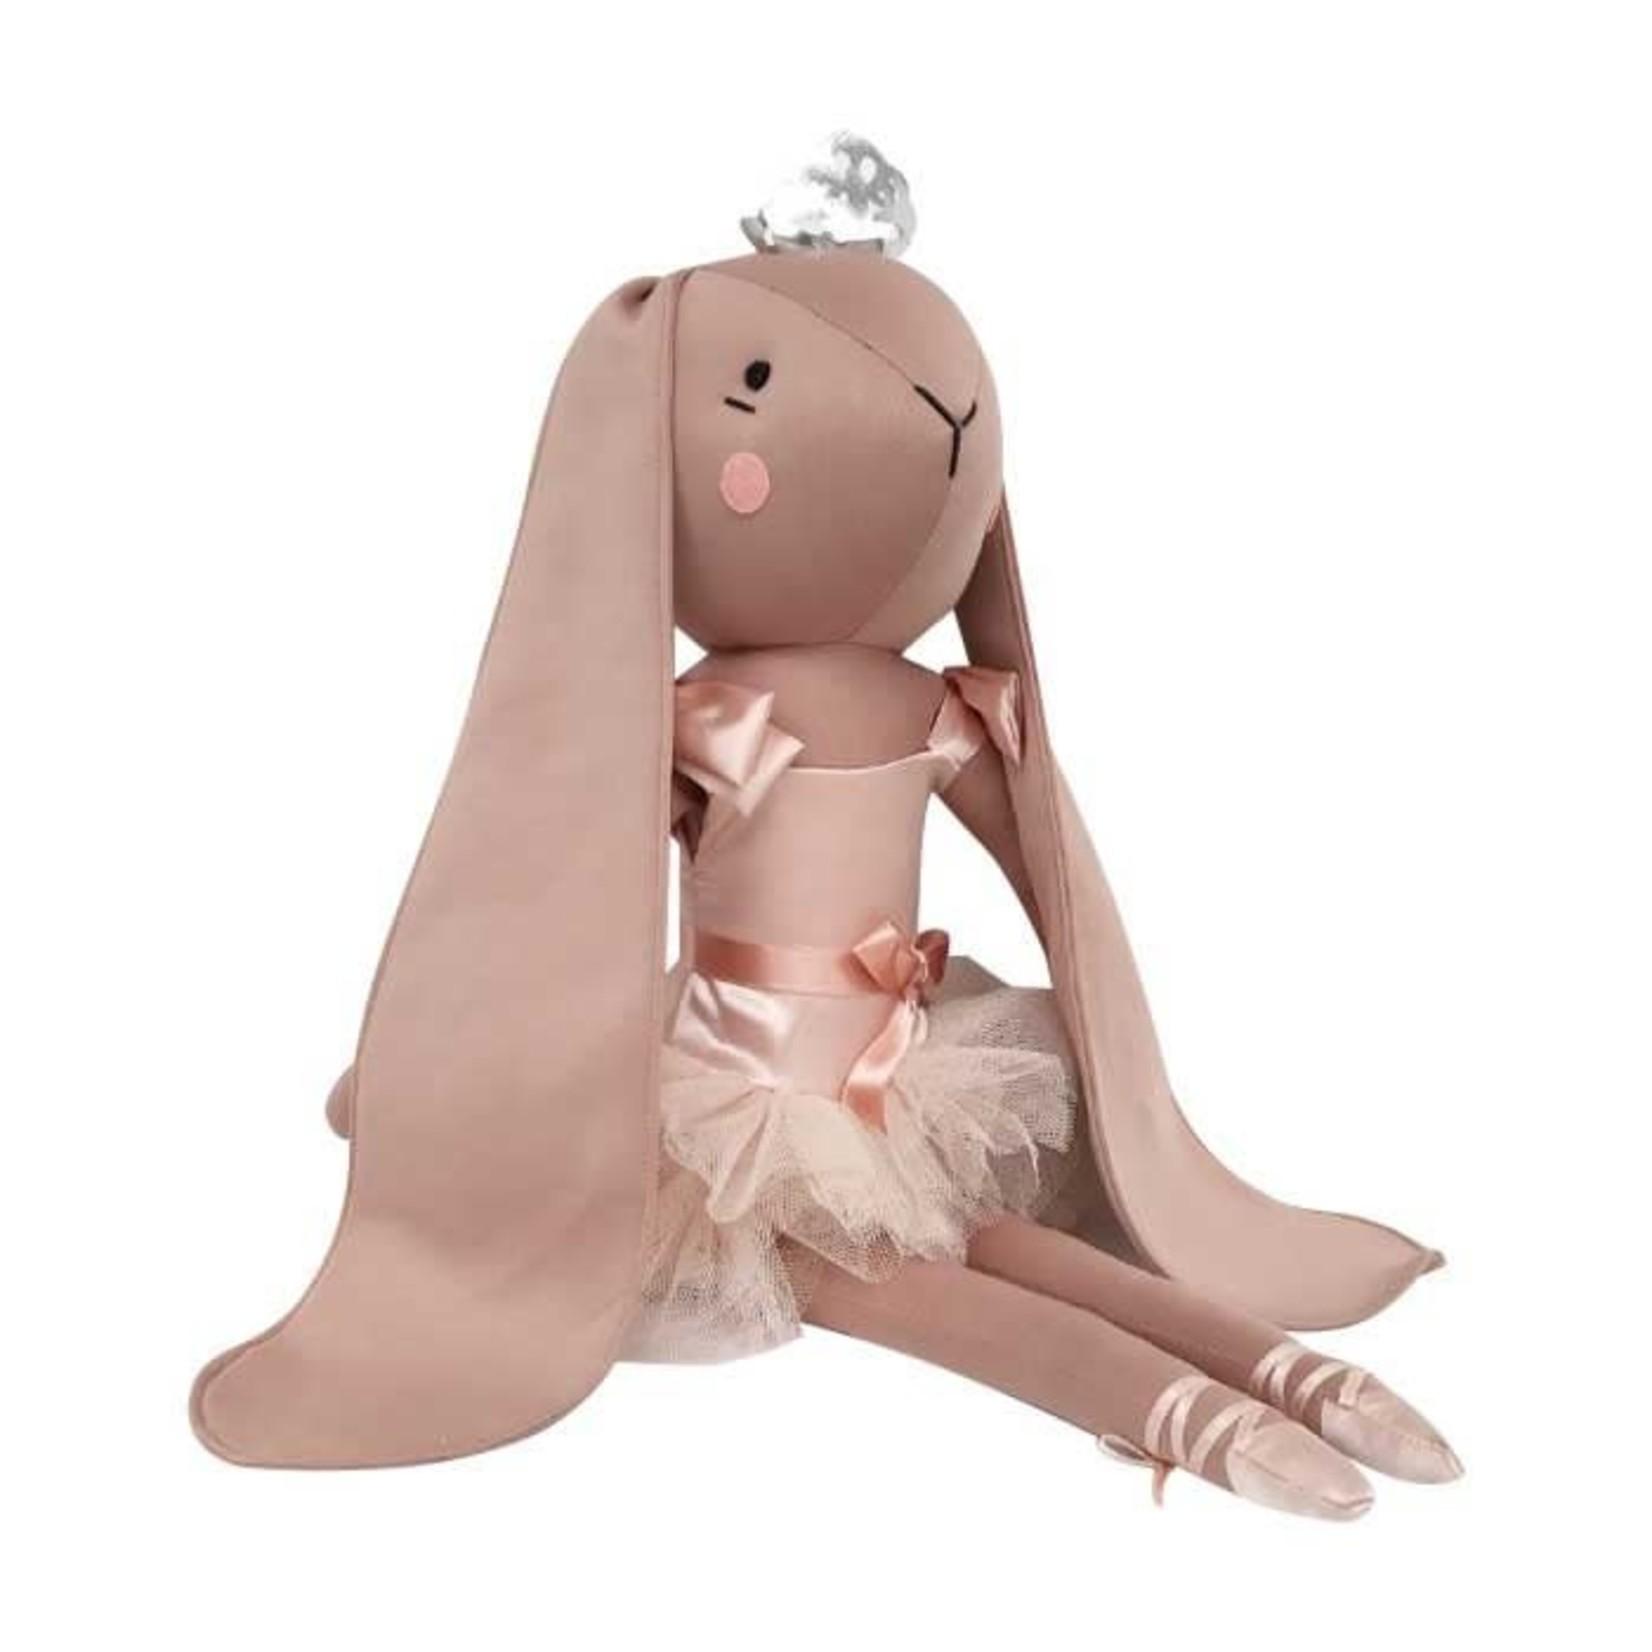 Spinkie Odette Ballerina